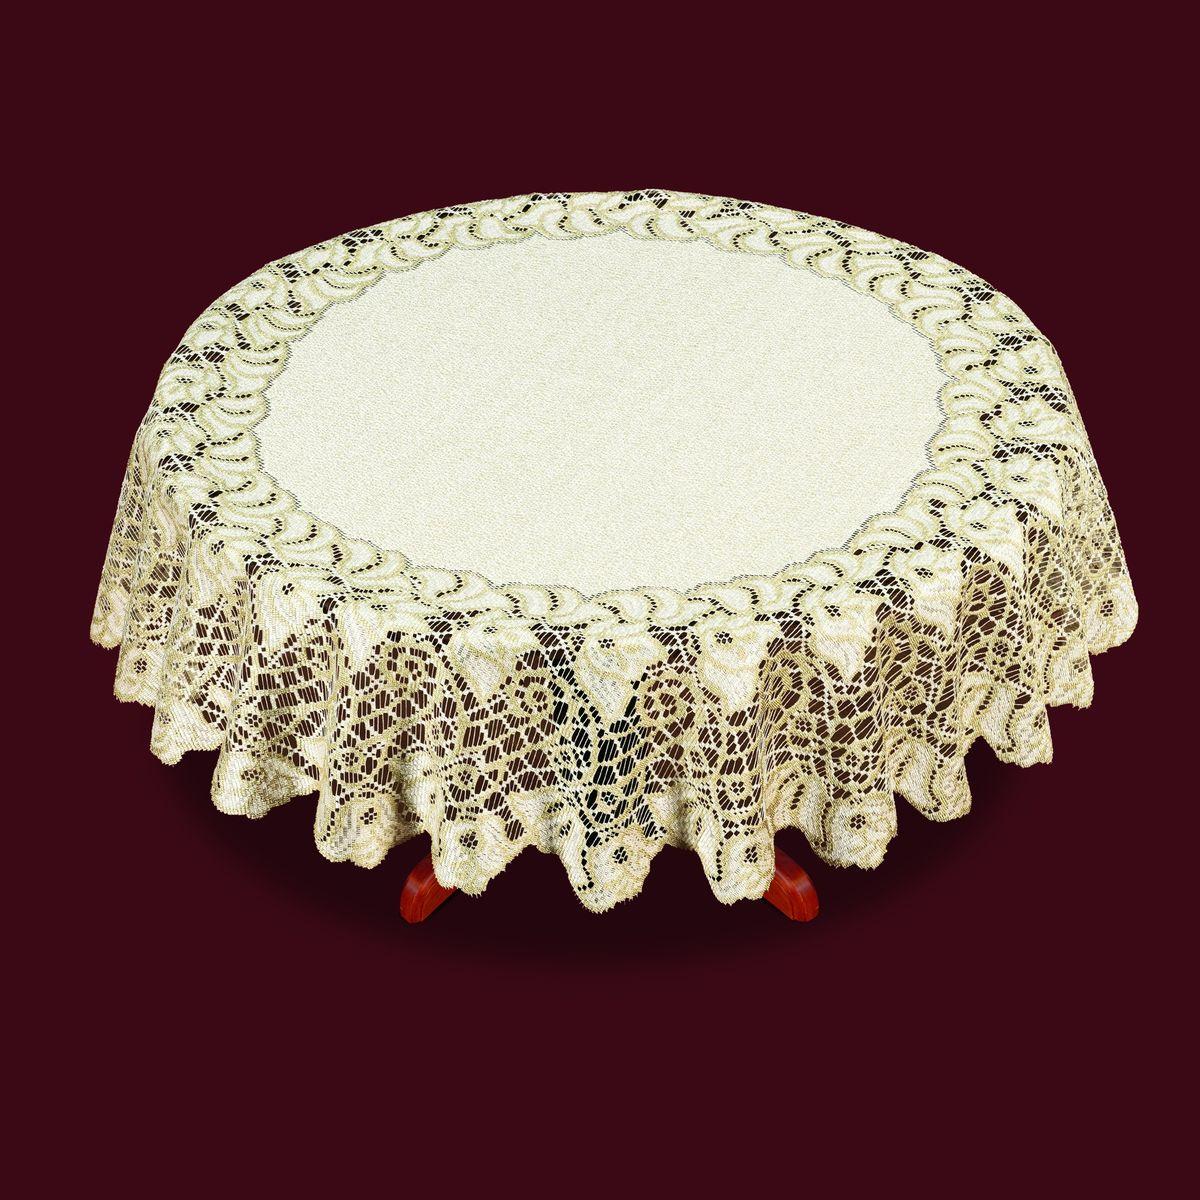 Скатерть Haft, цвет: кремовый, золотистый, диаметр 140 см